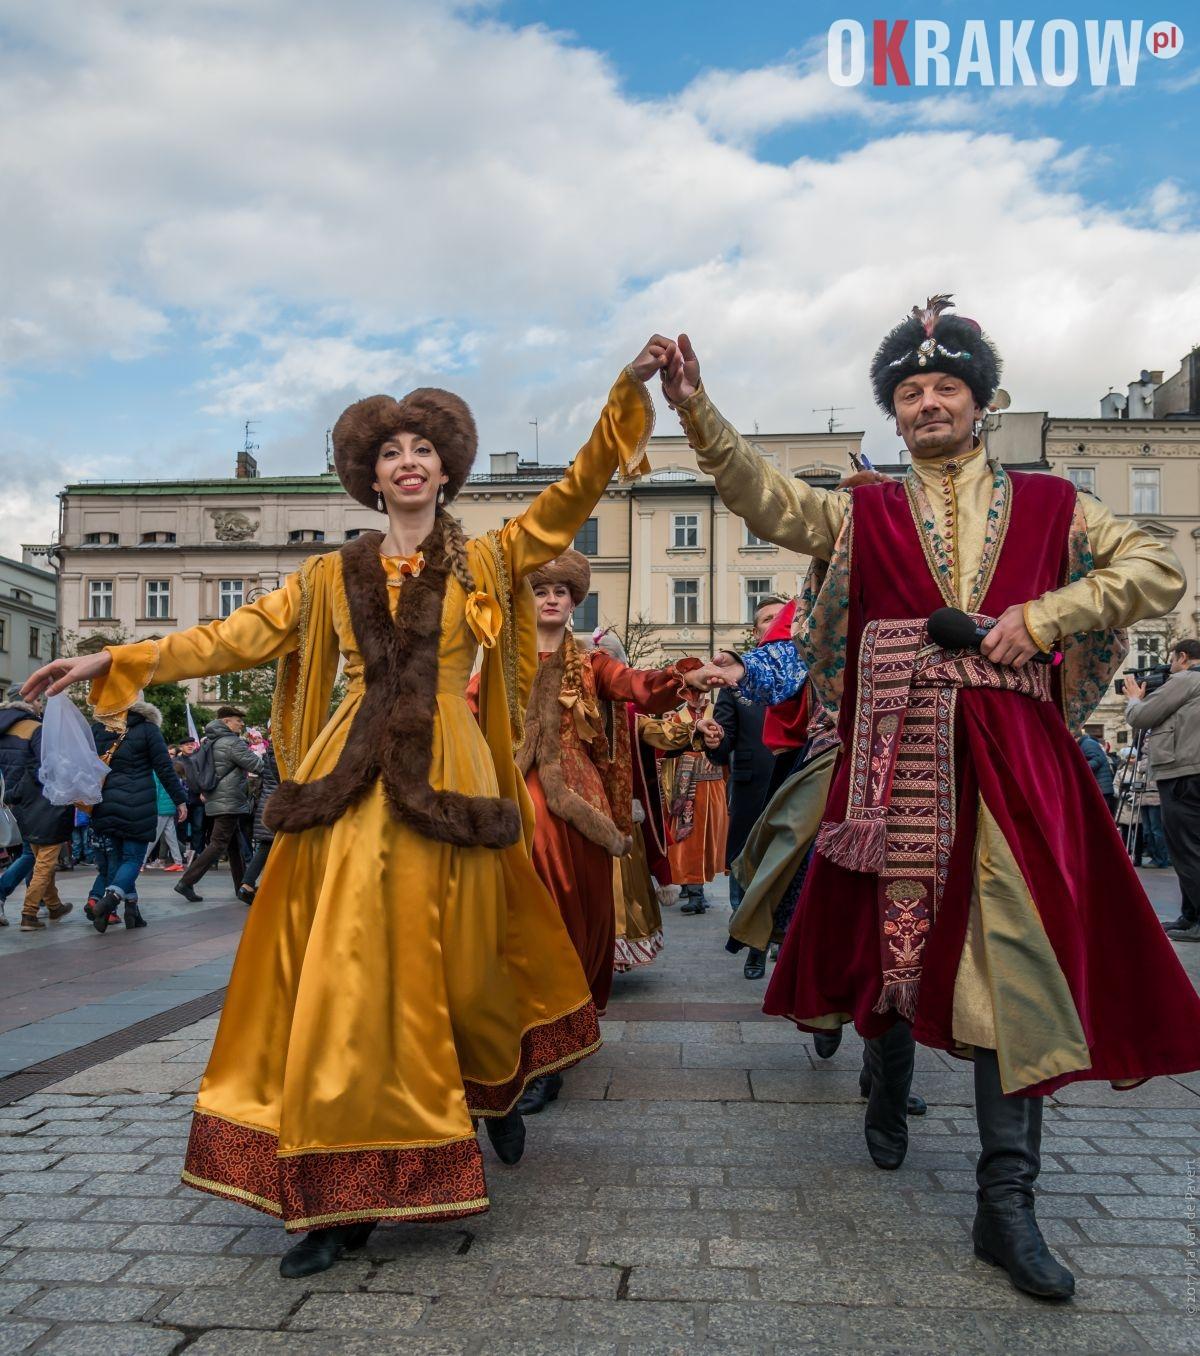 """festiwal tancow dworskich cracovia danza fot. ilja van de pavert 150x150 - Kraków tańcem malowany 21. Festiwal Tańców Dworskich """"Cracovia Danza"""" lipiec-wrzesień 2020"""